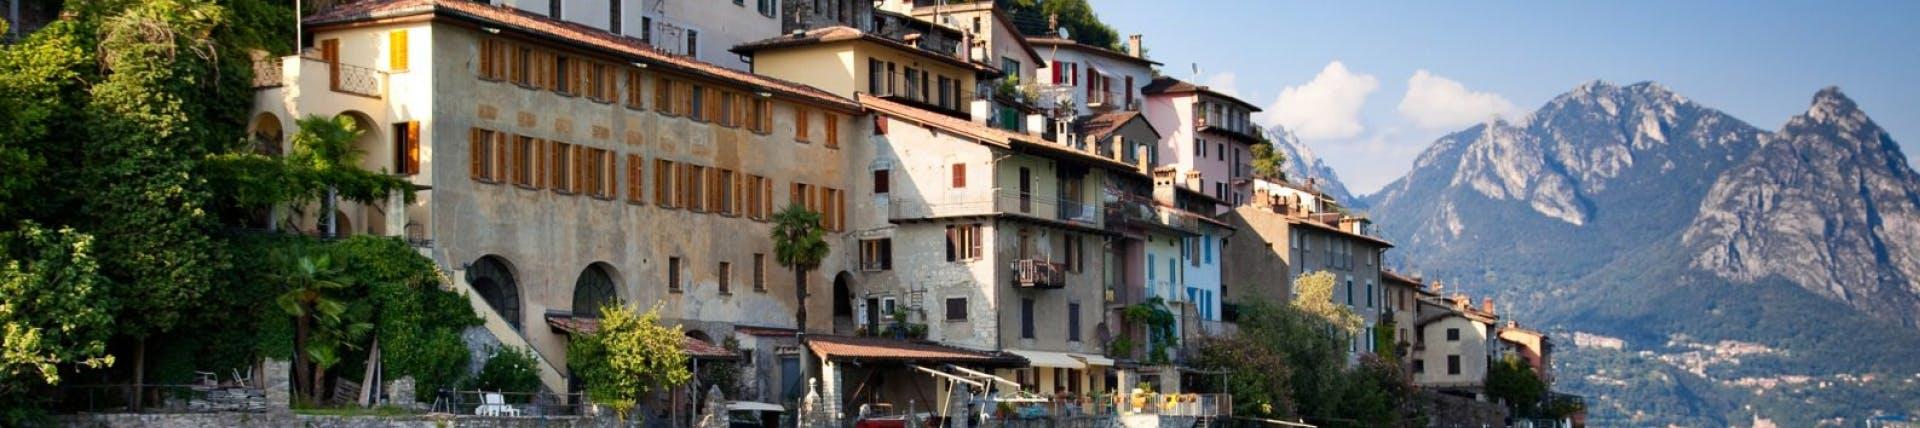 Picture of Locarno